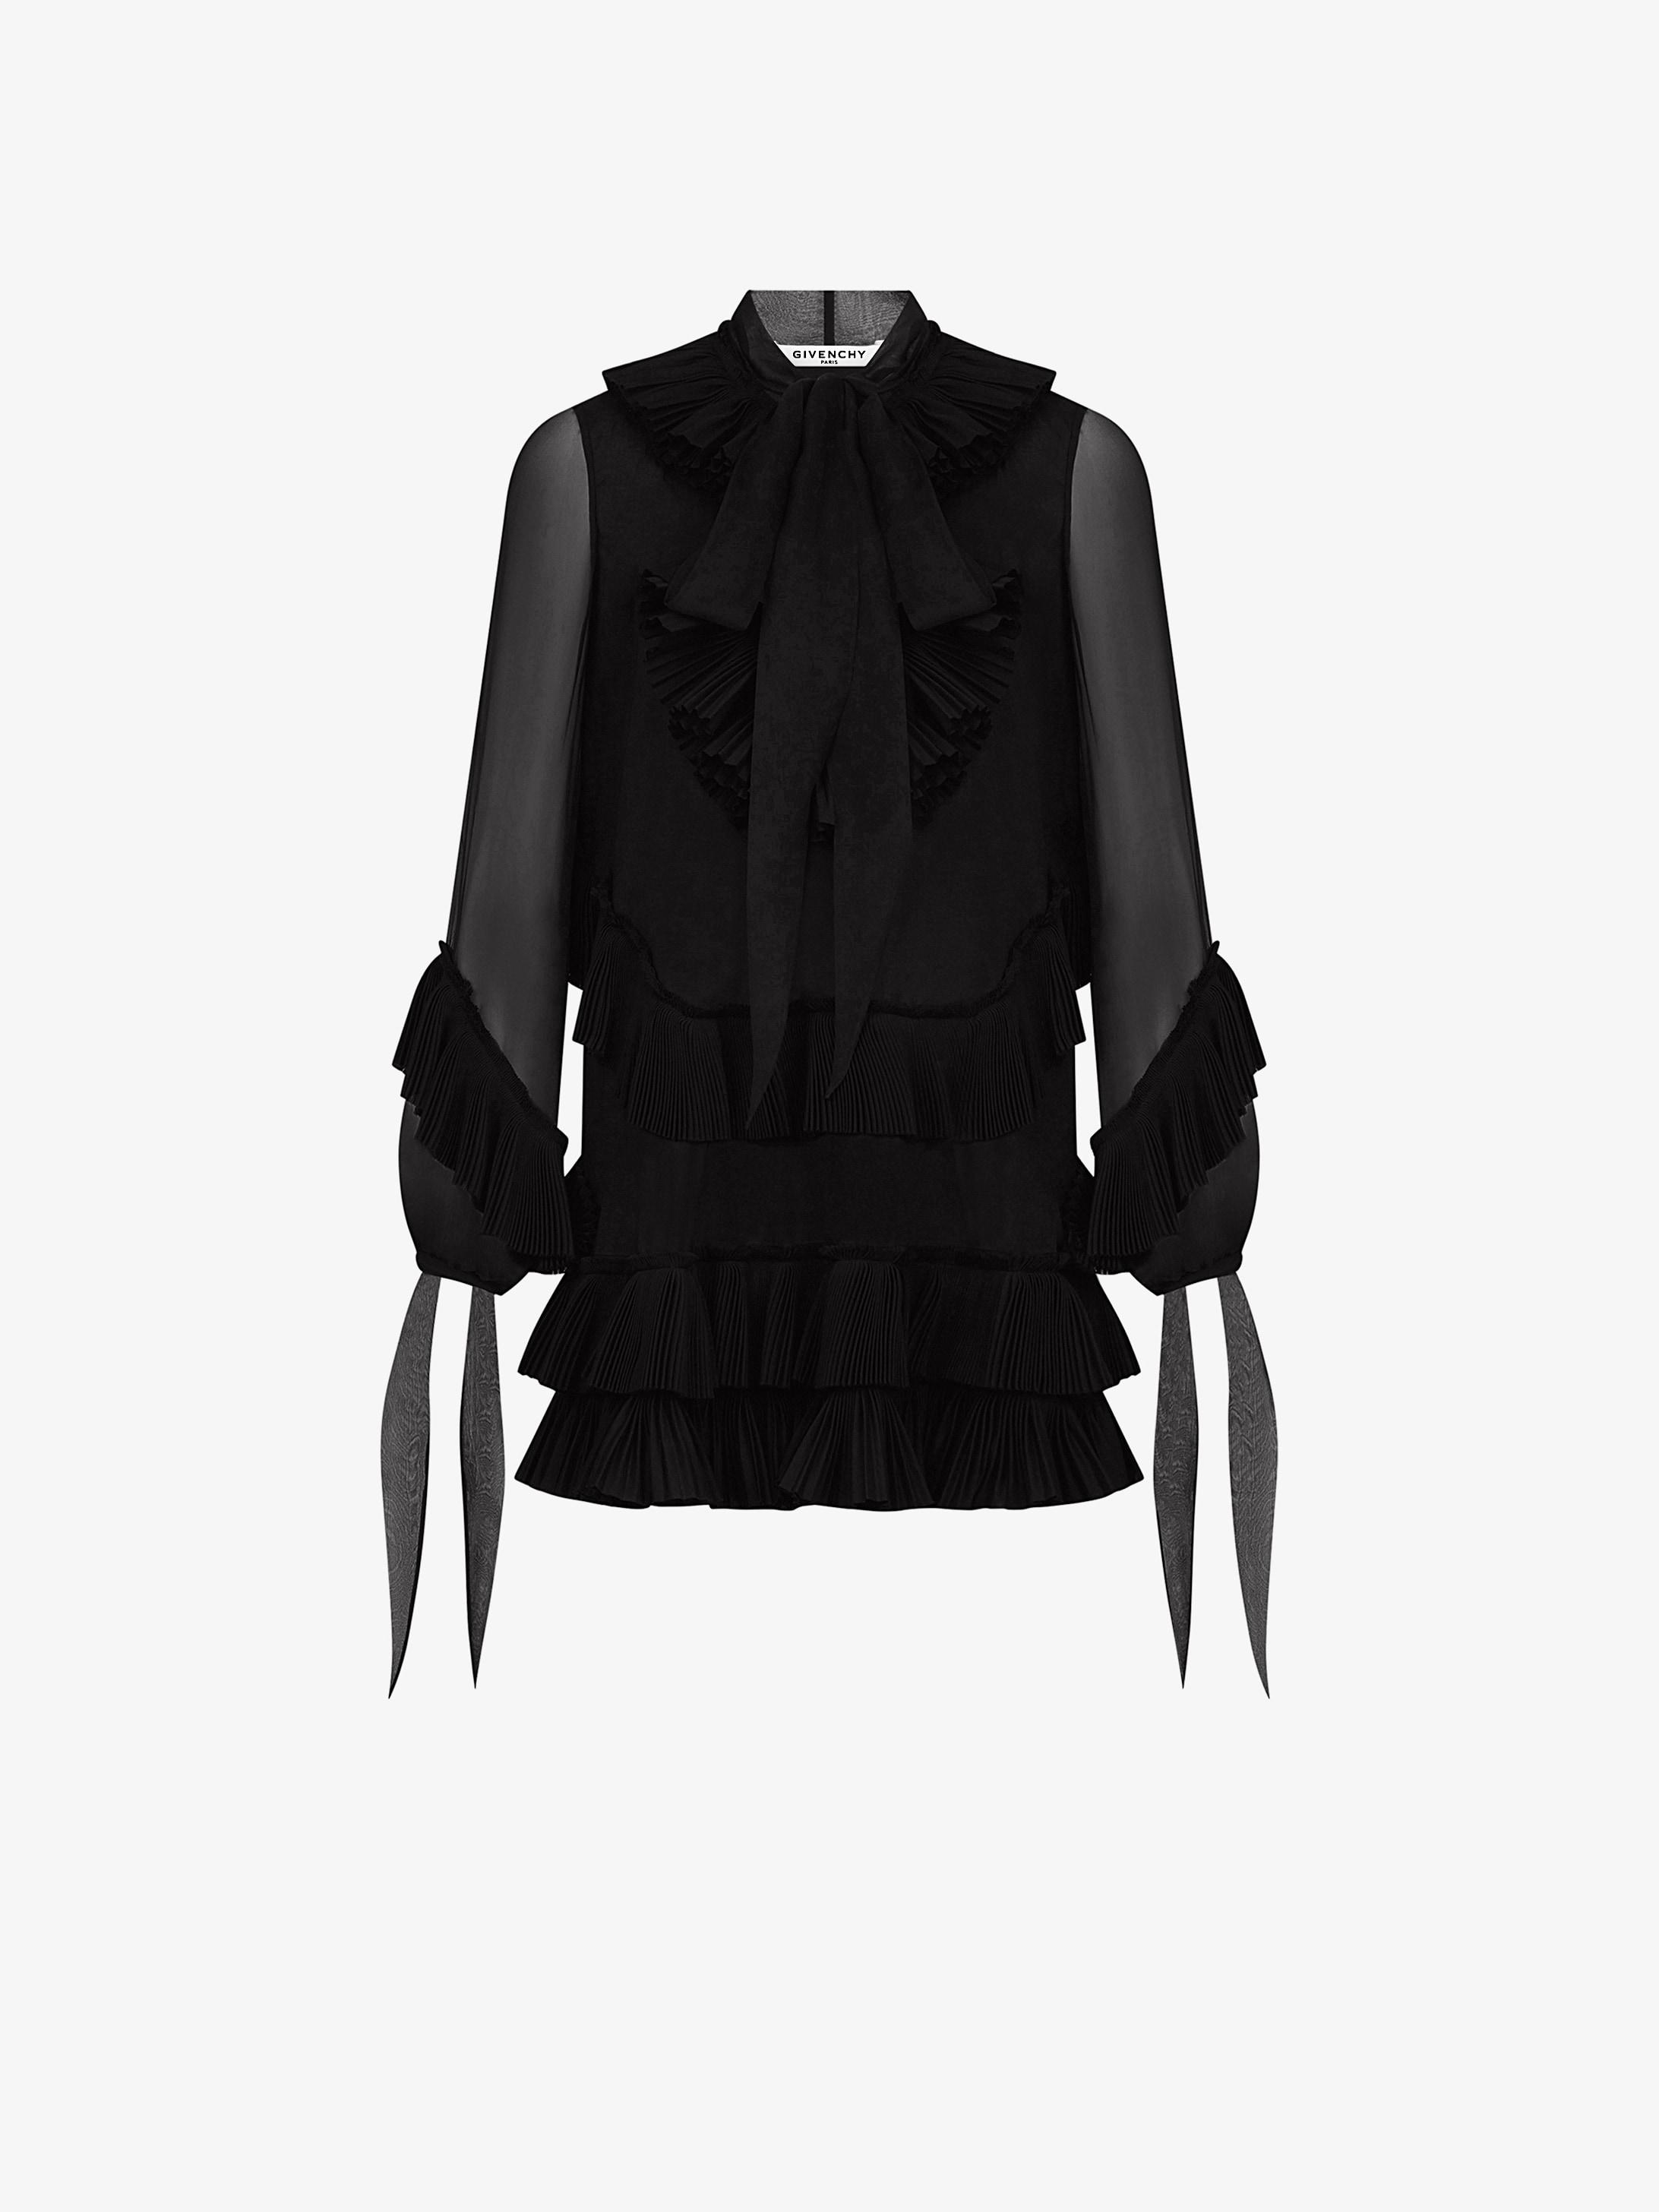 A-line short dress with ruffles